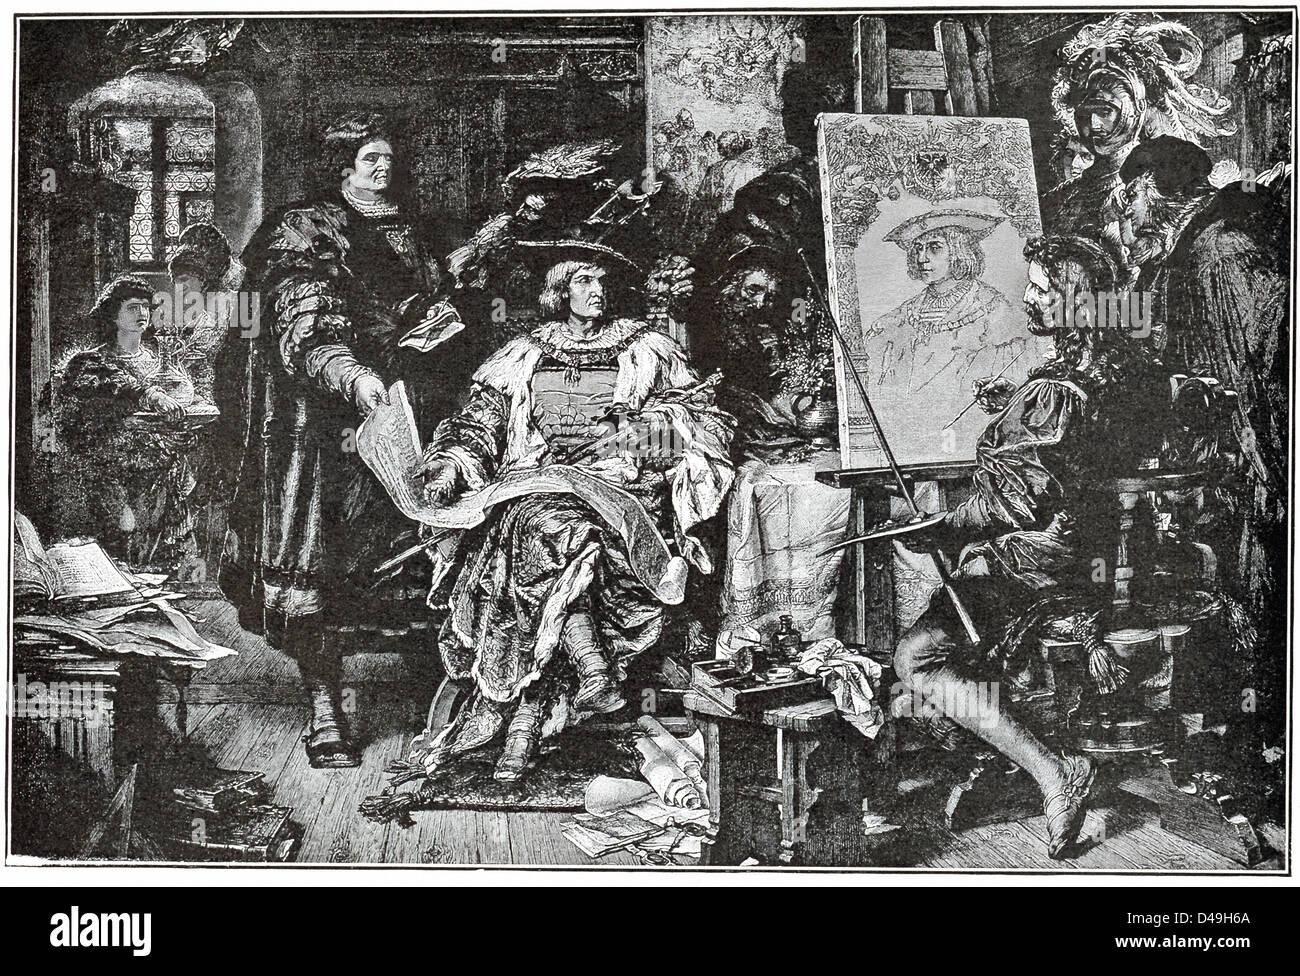 Zarte, verträumten Künstler Durer und das Heck und im Alter von Kaiser Maximillian diskutieren ernsthaft Stockbild